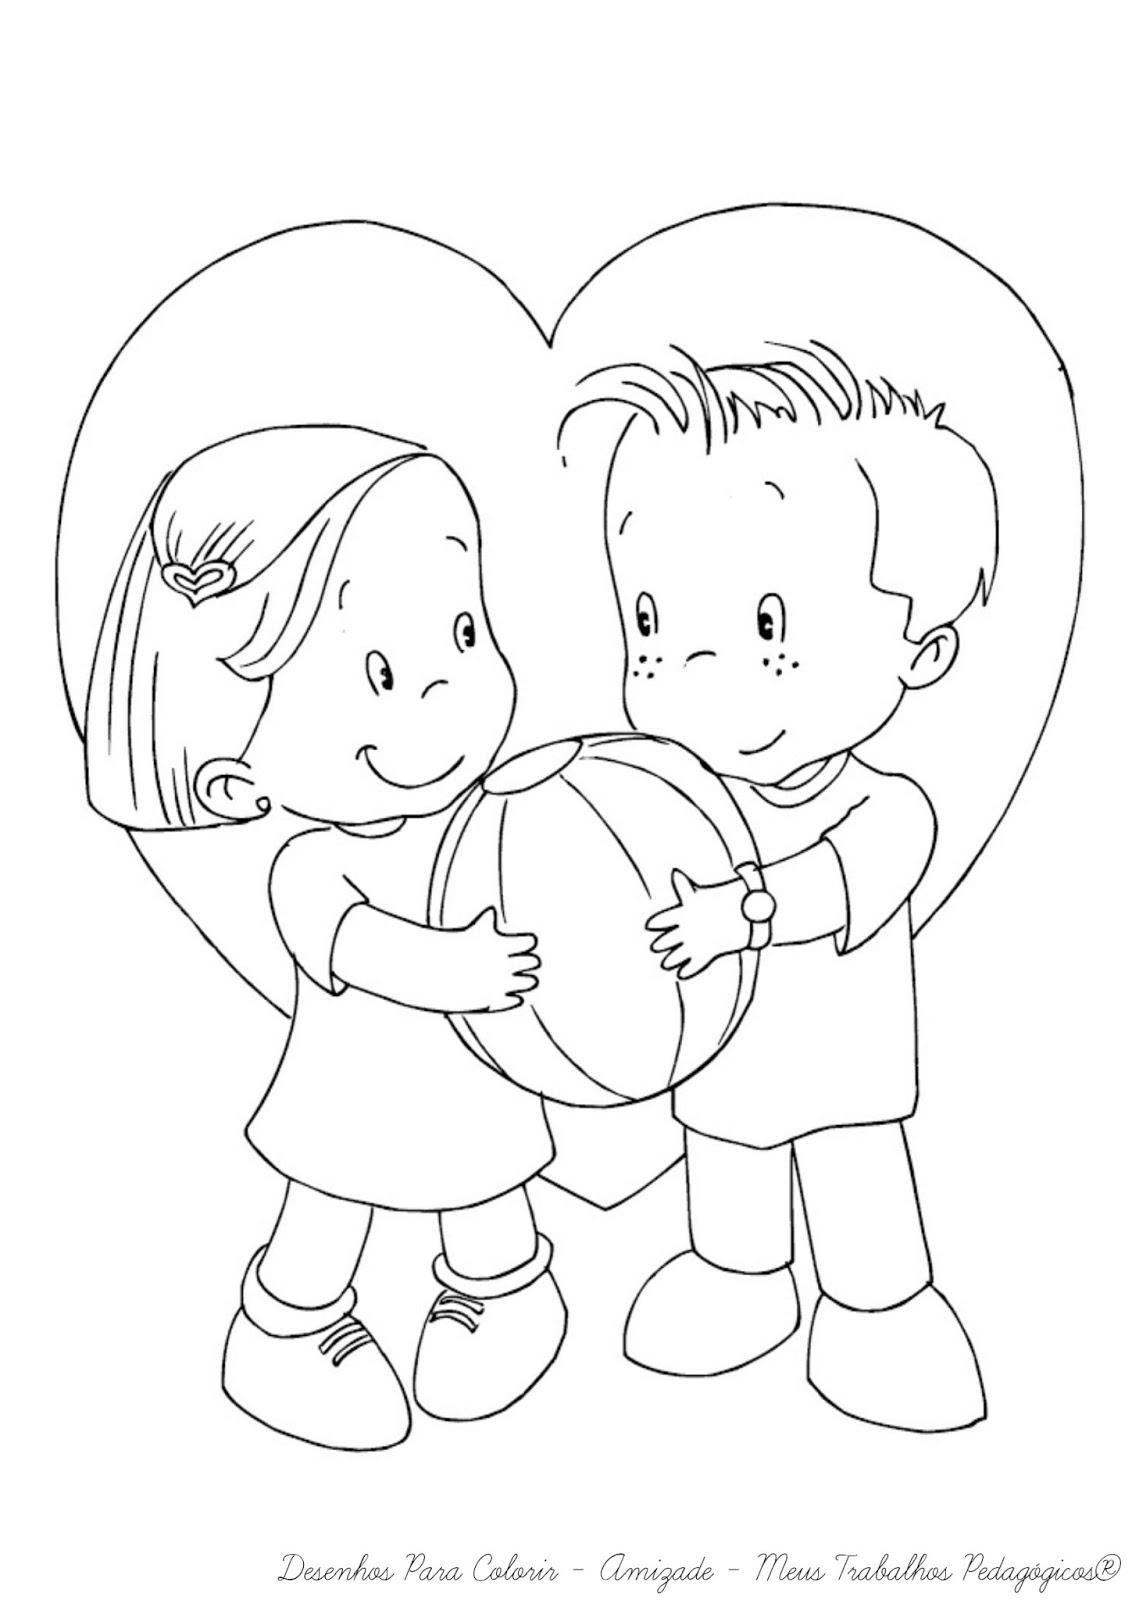 Meus Trabalhos Pedagógicos ®: Desenhos para colorir dia da